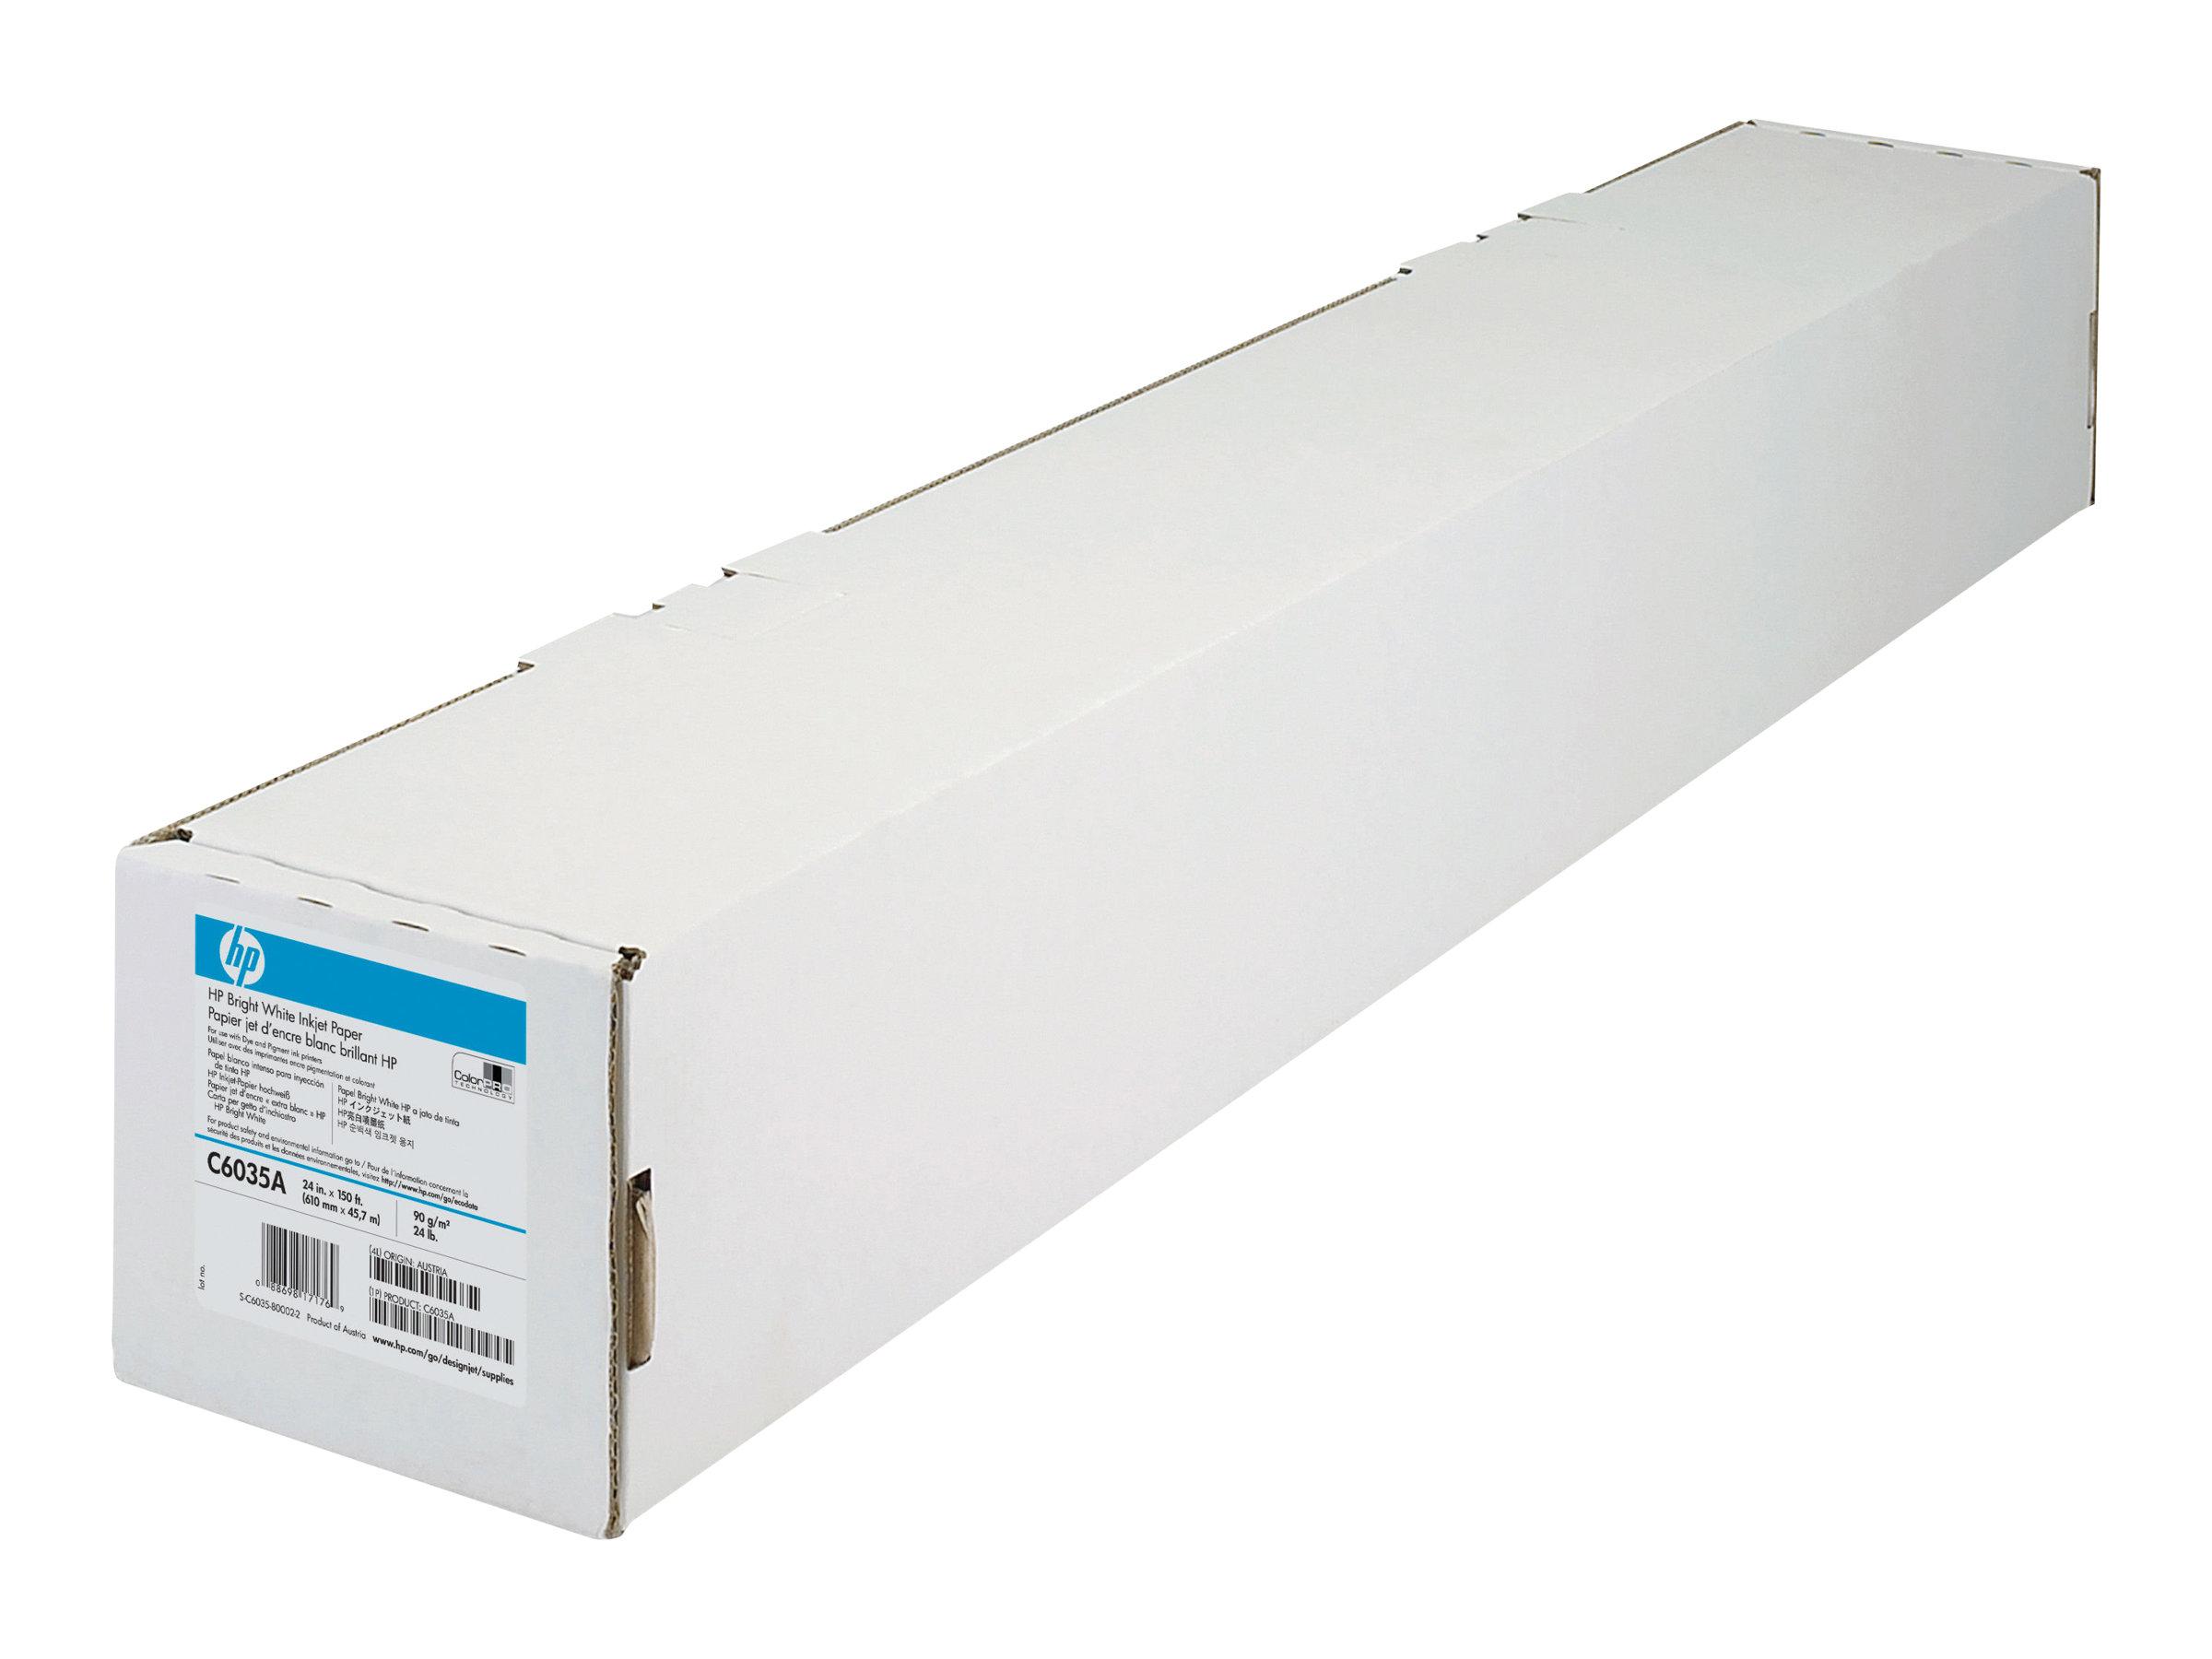 HP Beschichtet - hochweiß - Rolle A1 (59,4 cm x 45,7 m)